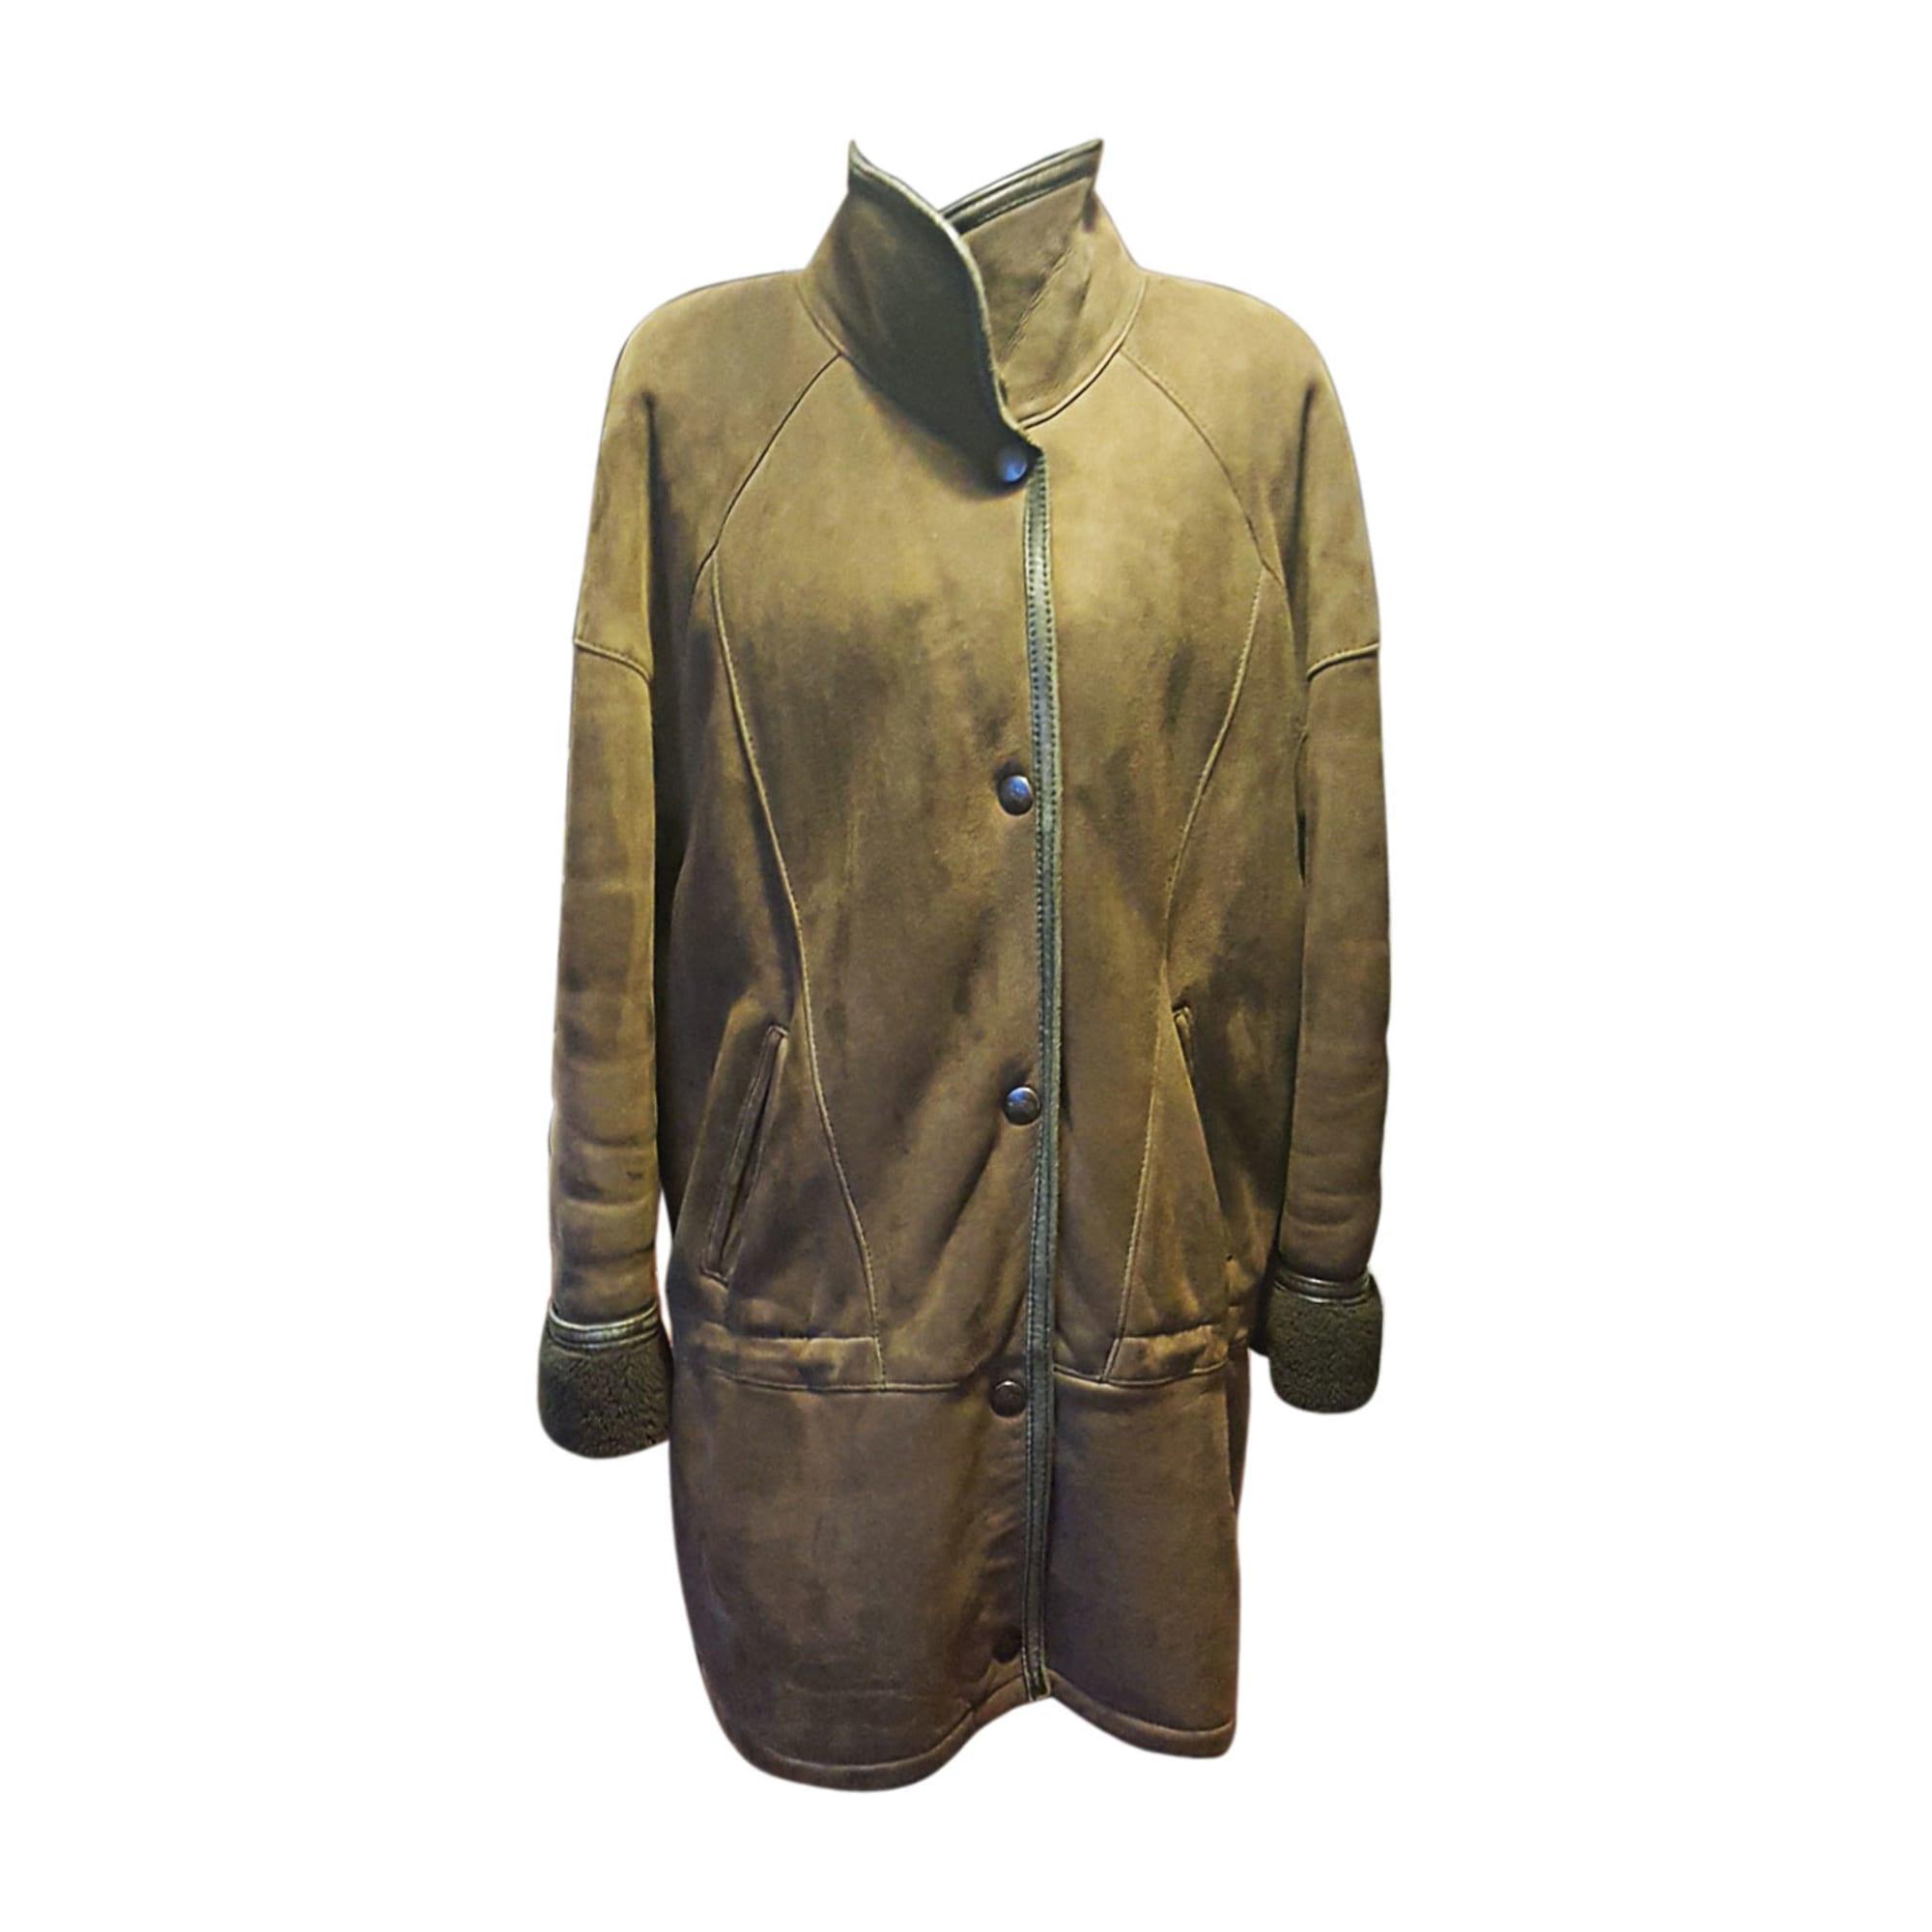 BoutonscoloréBleu Zhrui Manteau L Men Denim Vestes Blazer Deux FoncéTaille Suit Business Classic Casual UMGjLSqzpV